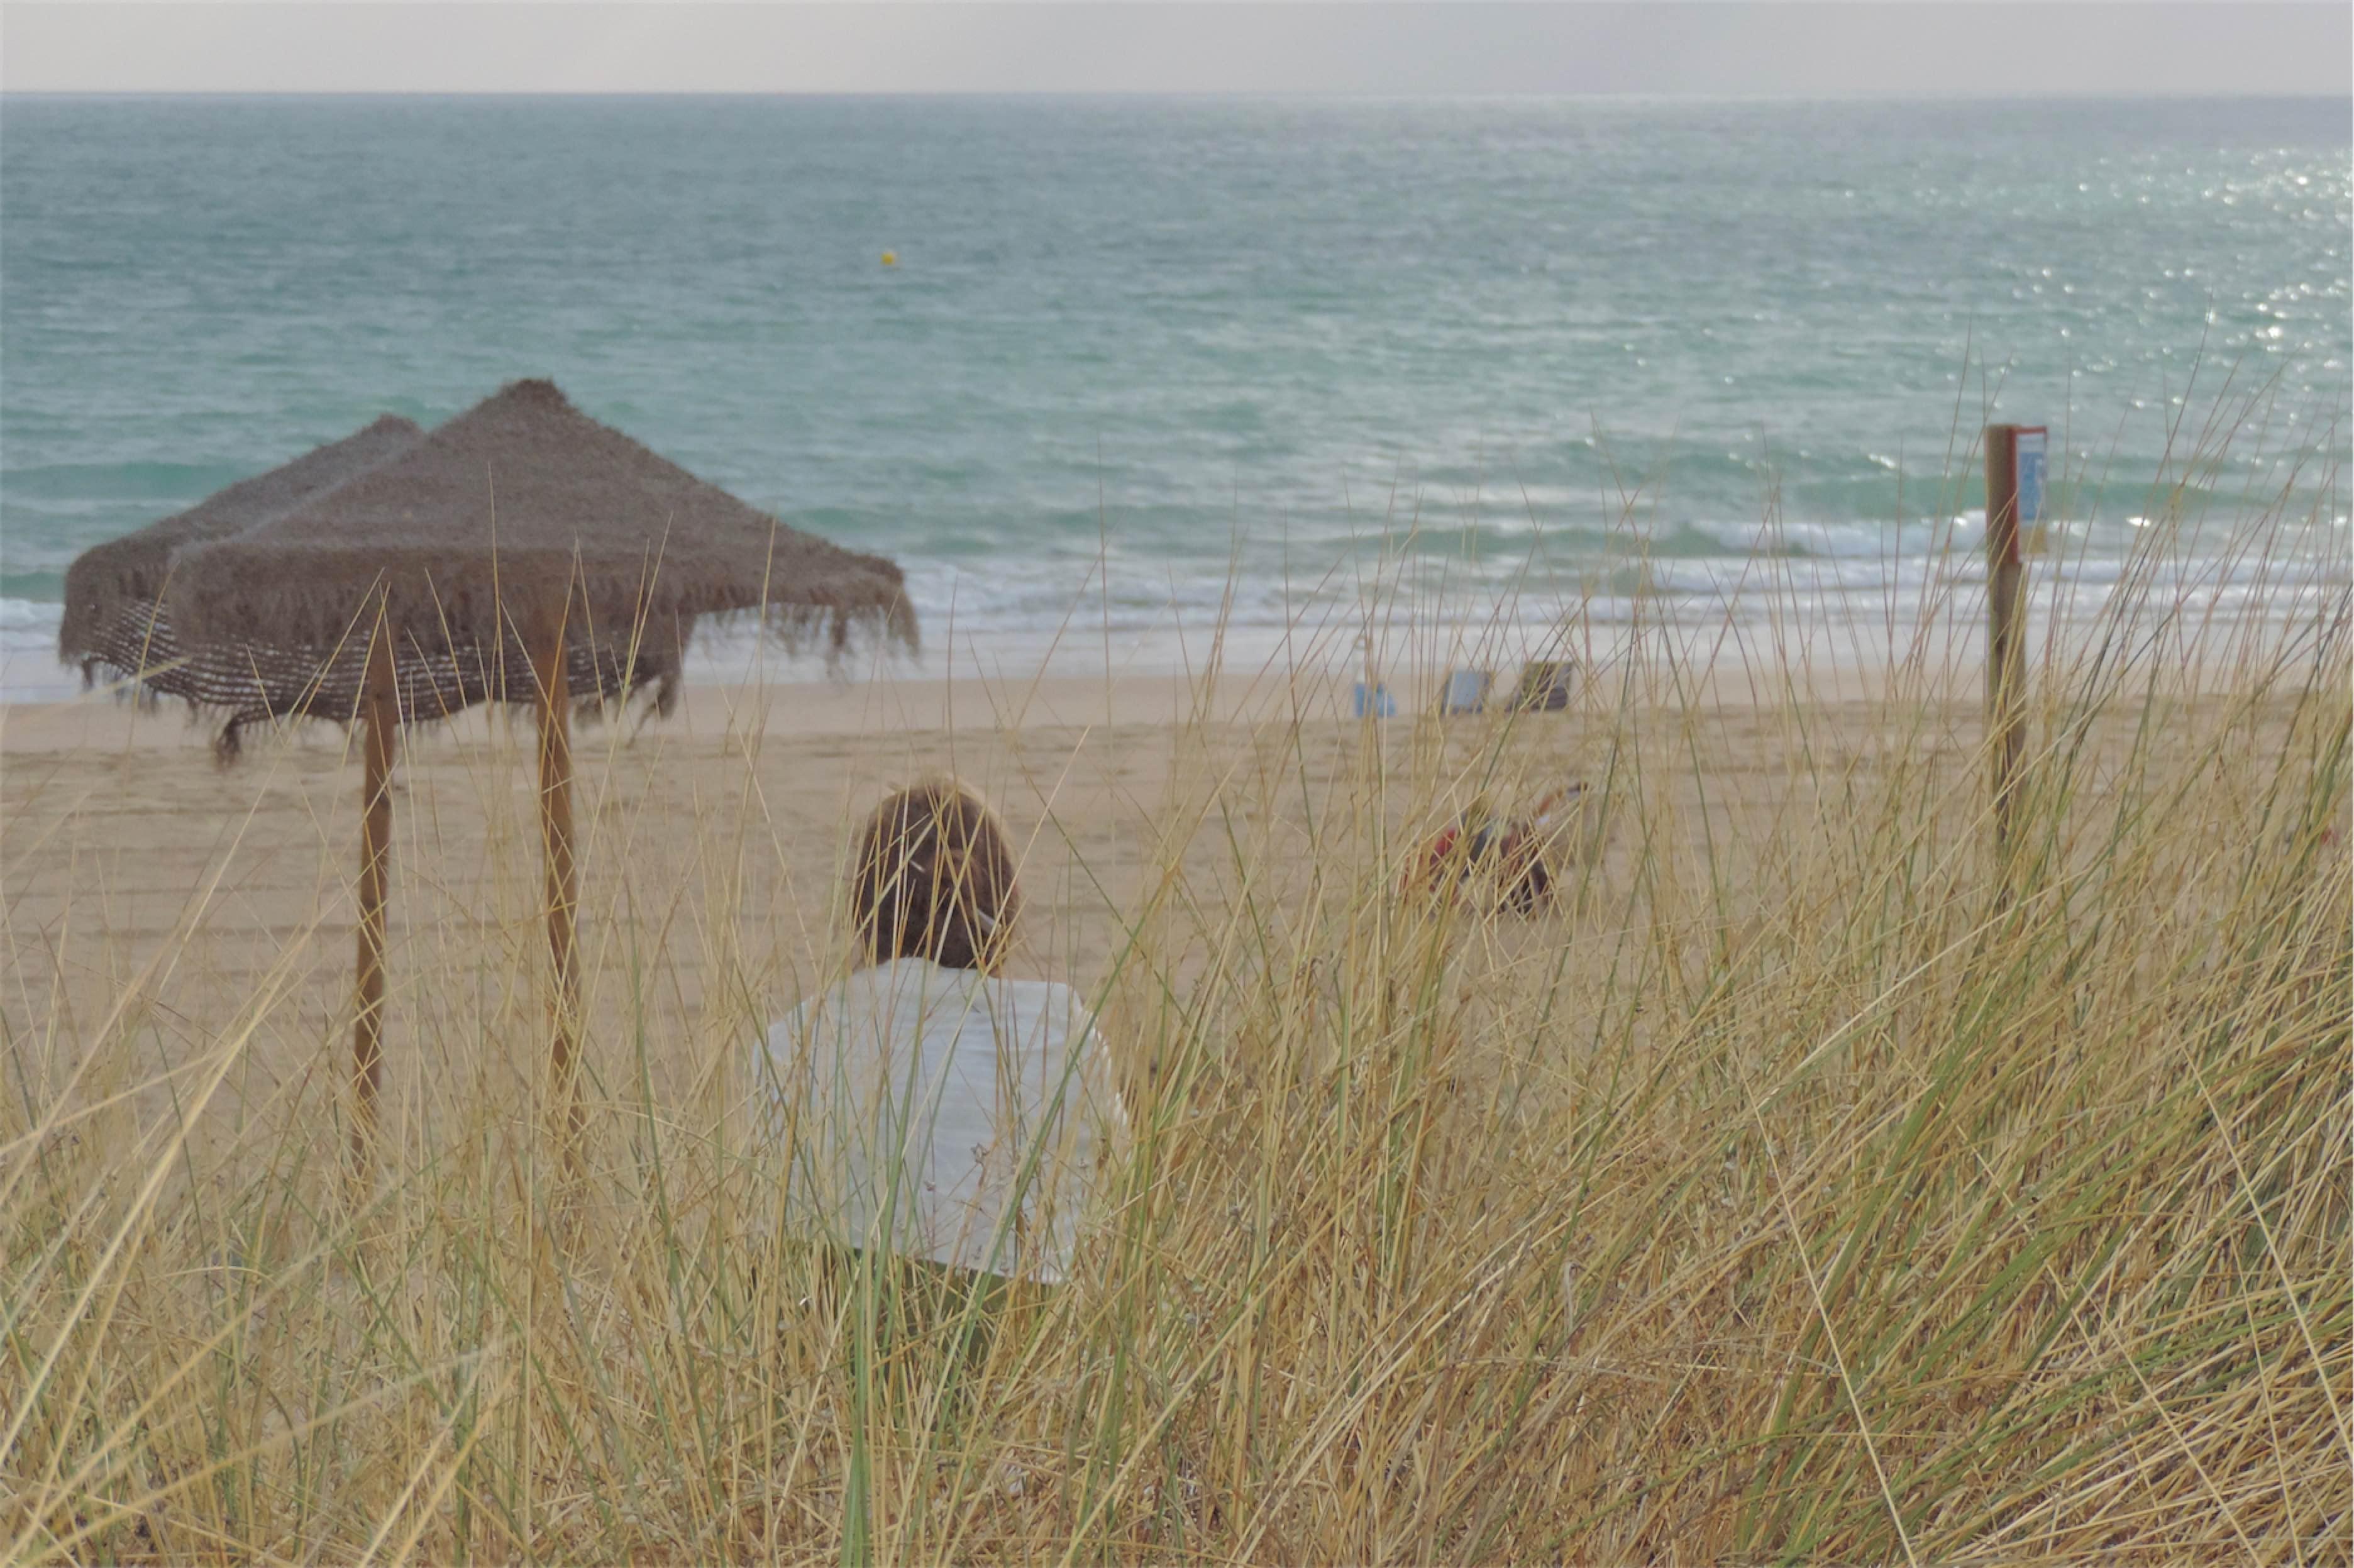 Wybrzeże Muz w Andaluzji - nawet Śródziemnomorze ma swoją melancholię...